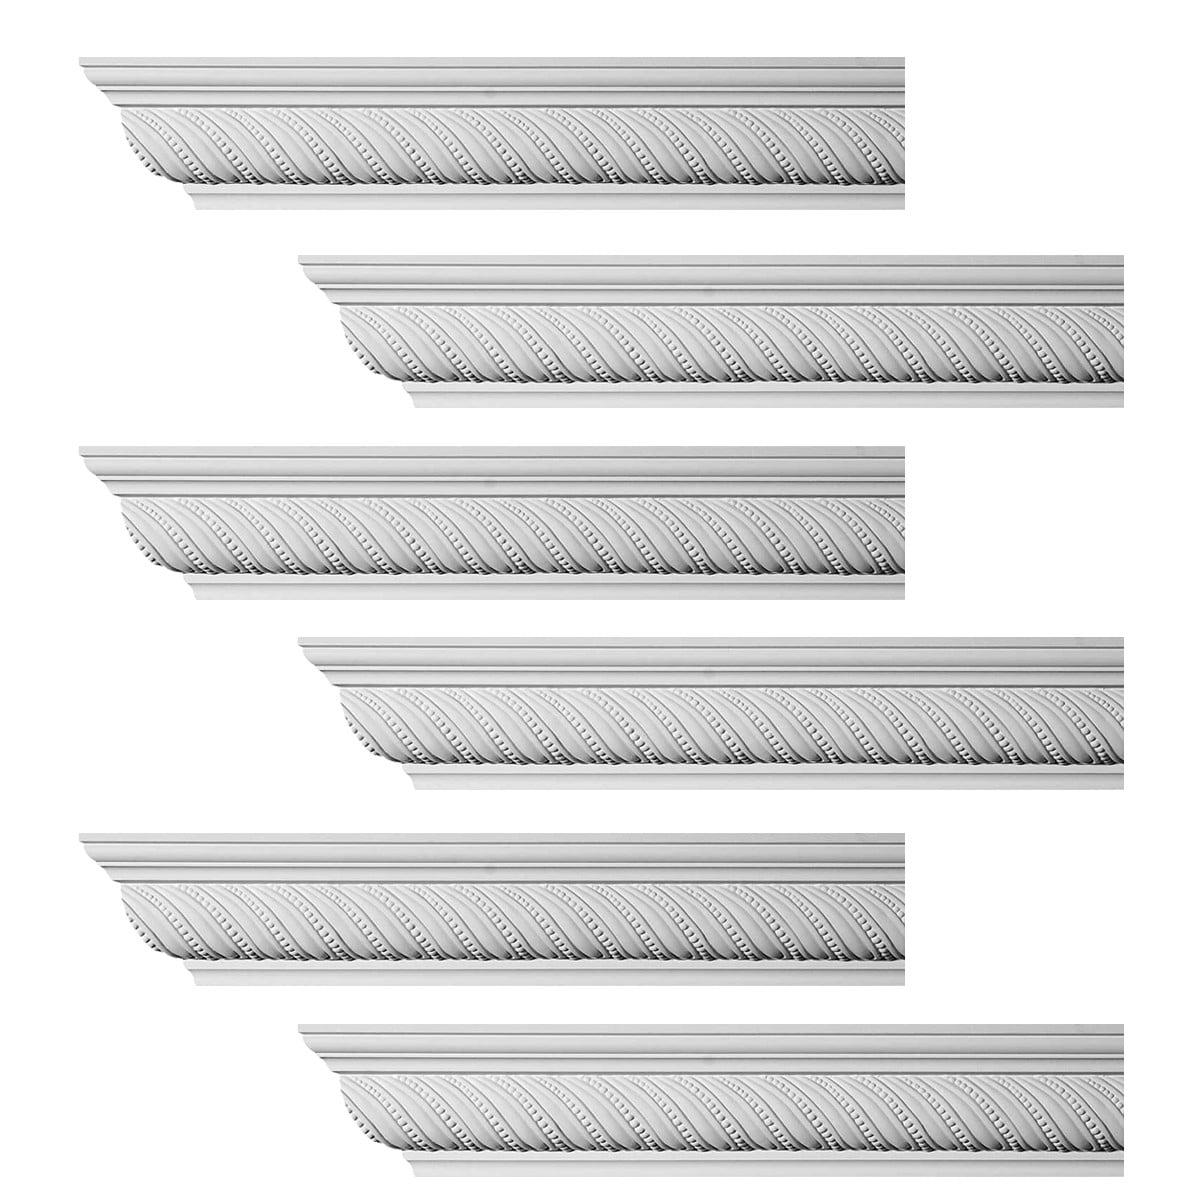 ornate cornice white urethane queensborough design  pieces totaling  length walmartcom